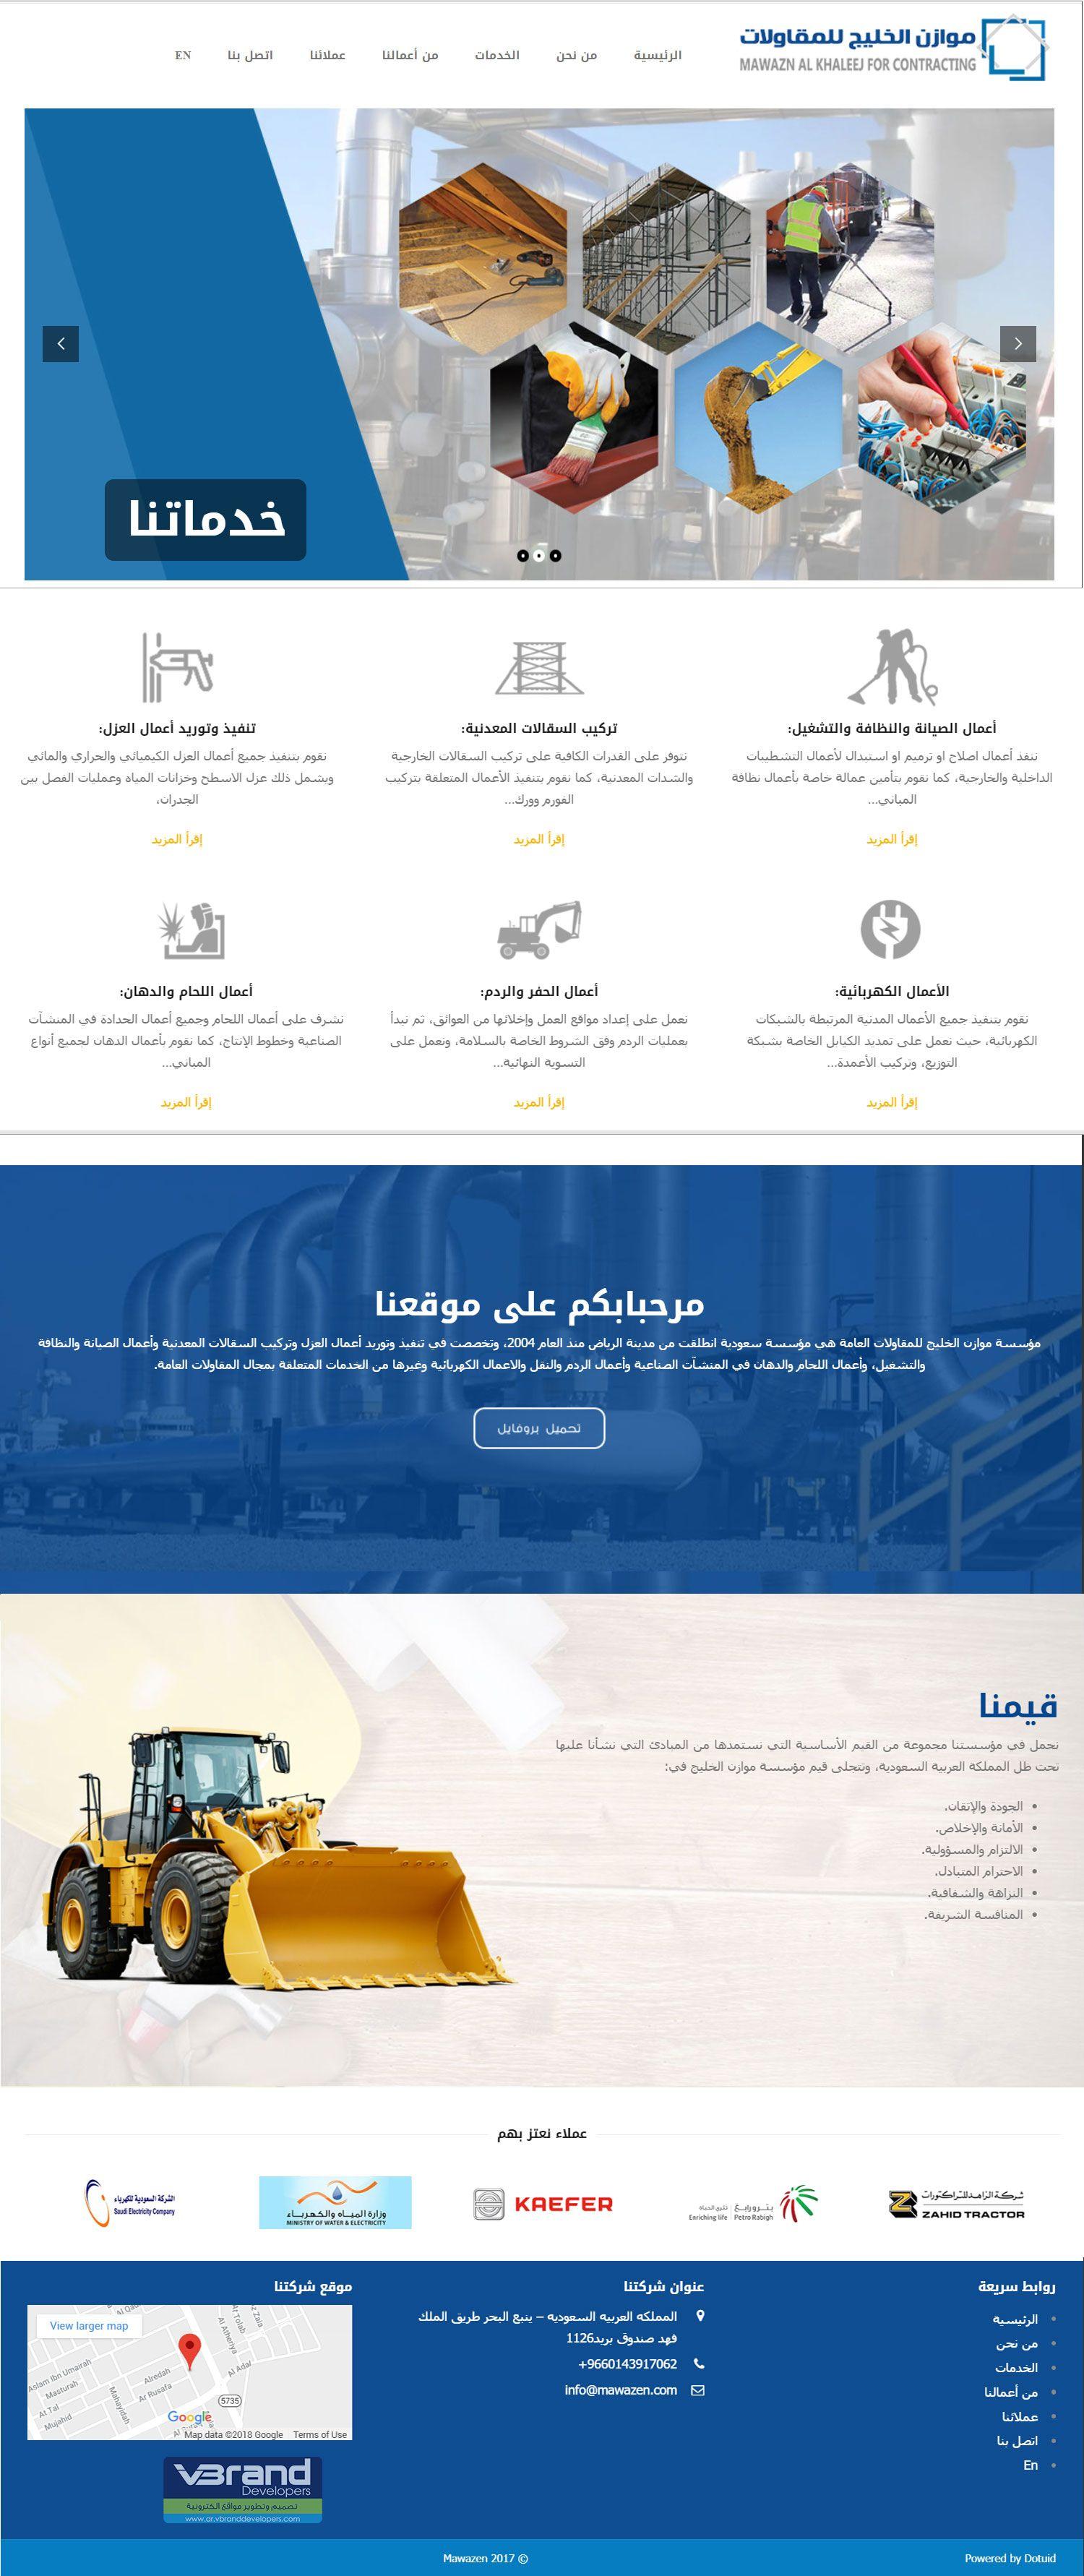 افضل شركات تصميم مواقع تصميم وتطوير مواقع الكترونية خدمات تصميم مواقع احترافية Service Design Website Design Services Web Development Design